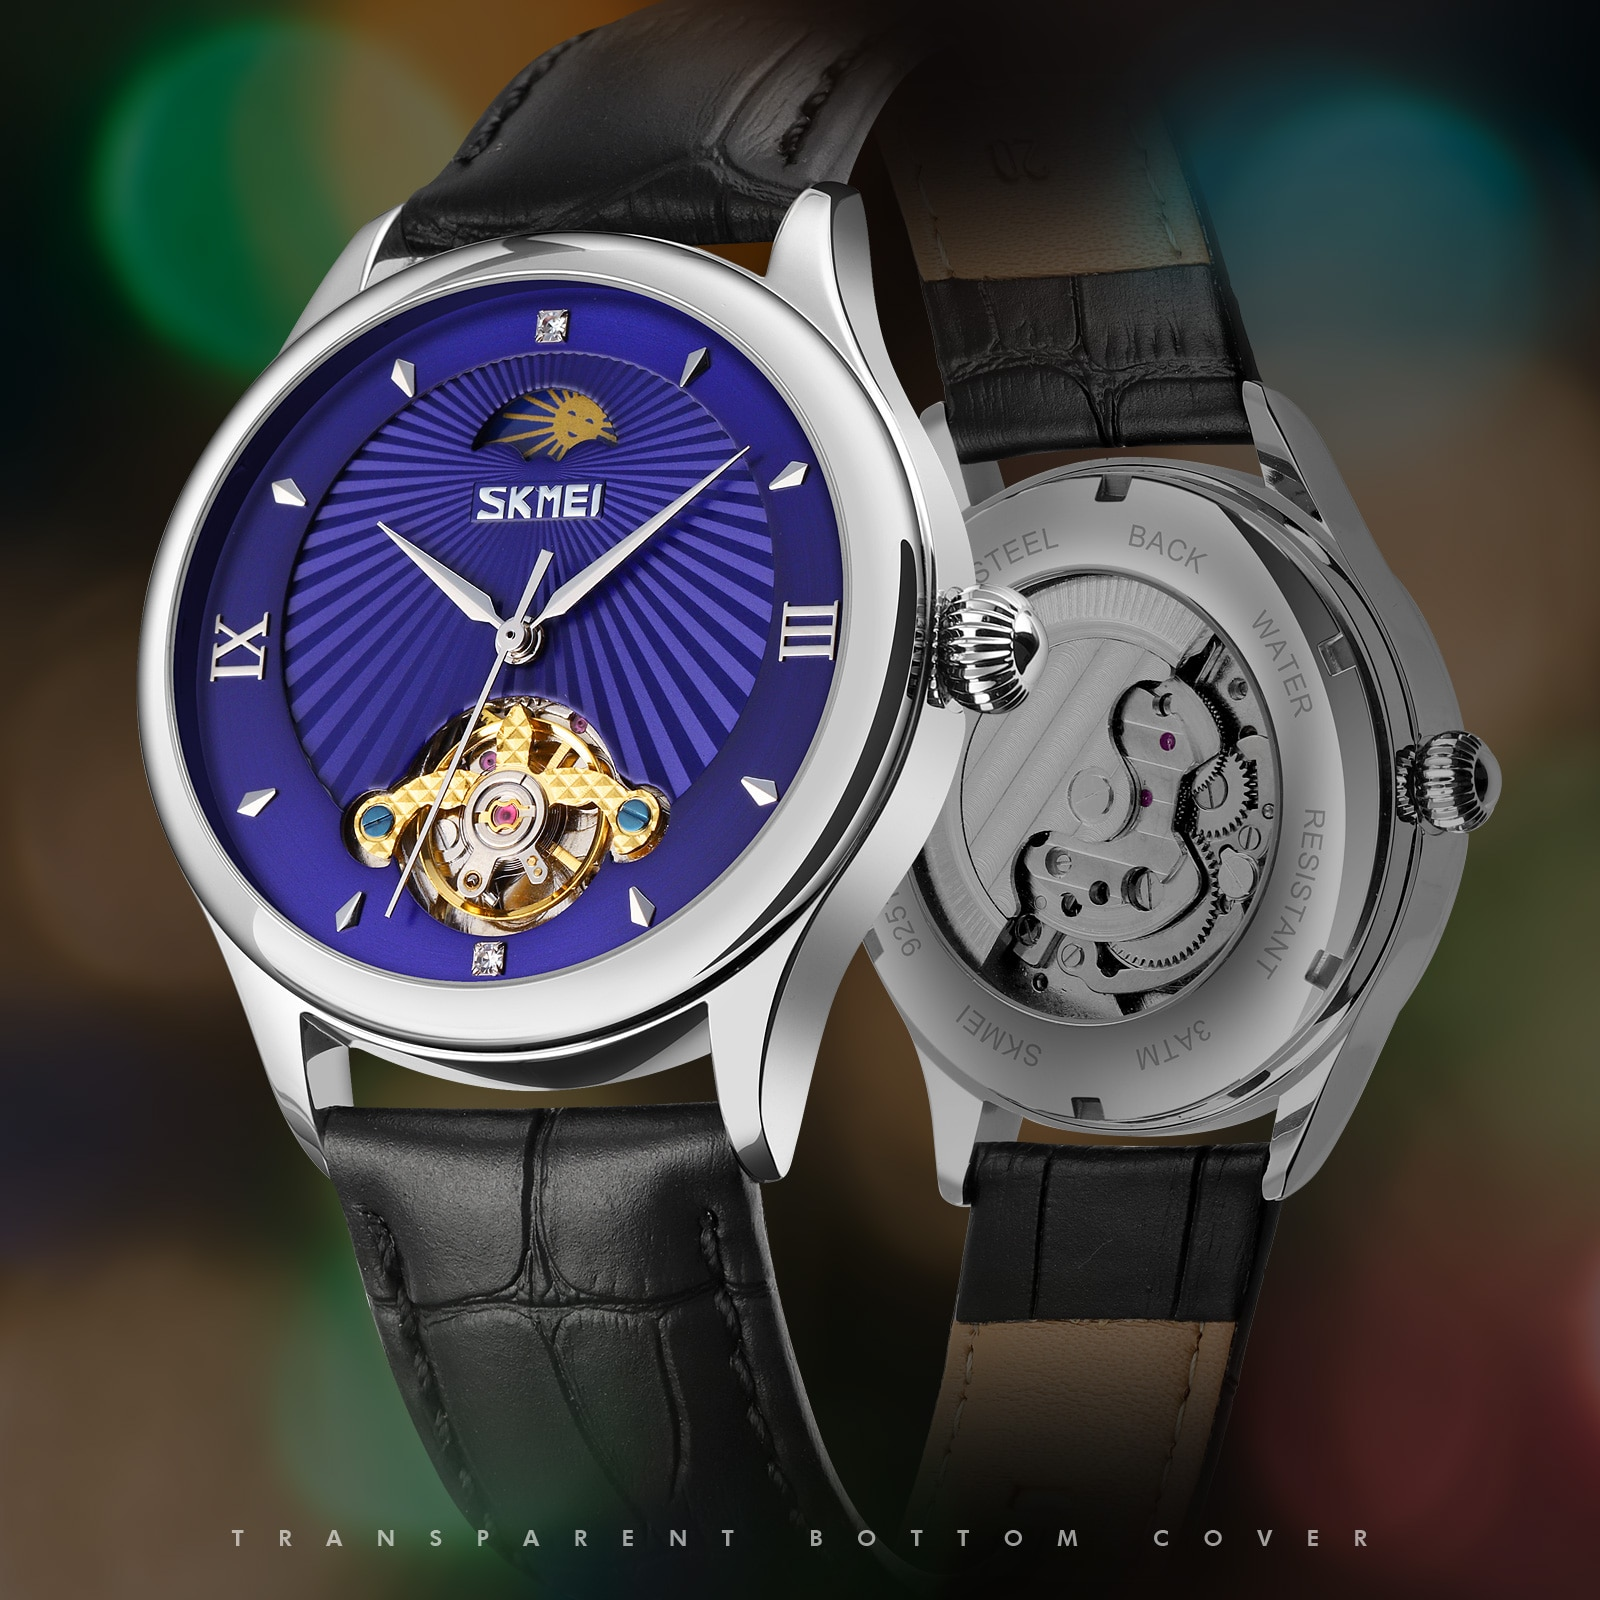 Relógios de Pulso Pulseira de Couro Fase da Lua Skmei Moda Automática Relógios Mecânicos Oco Dial Masculino Relógio Reloj Hombre